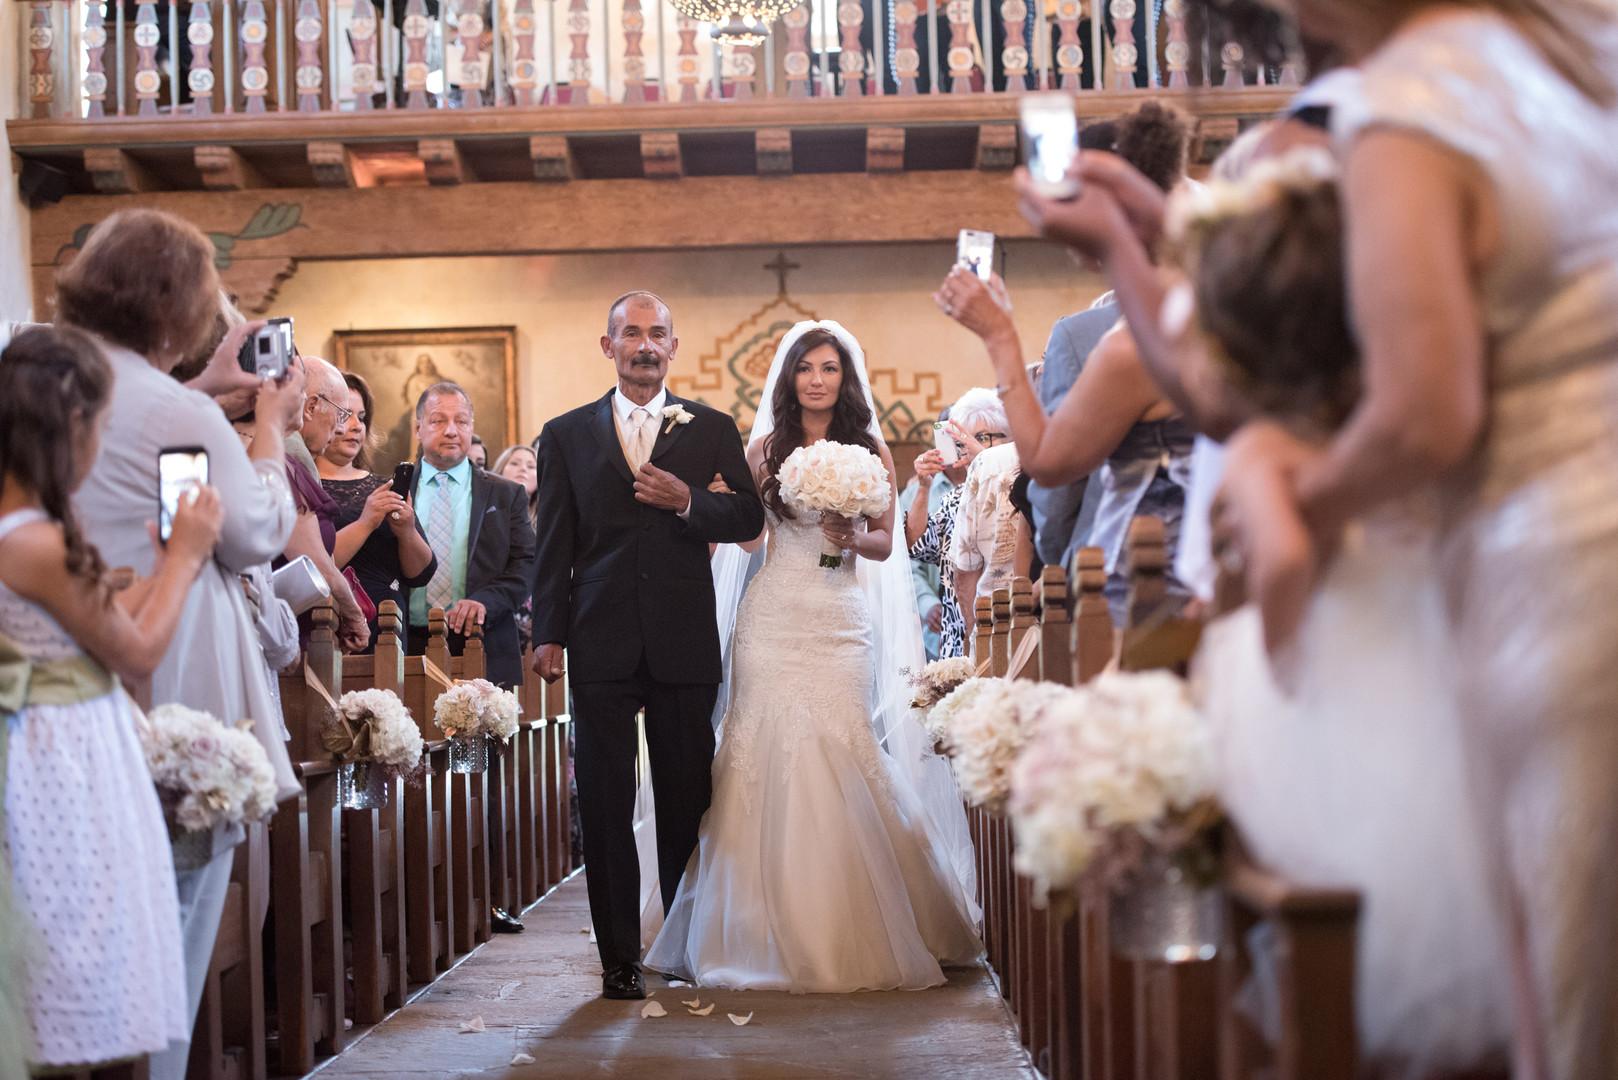 www.santabarbarawedding.com   The Big Affair   Our Lady of Mount Carmel   Asiel Designs   Wedding Ceremony